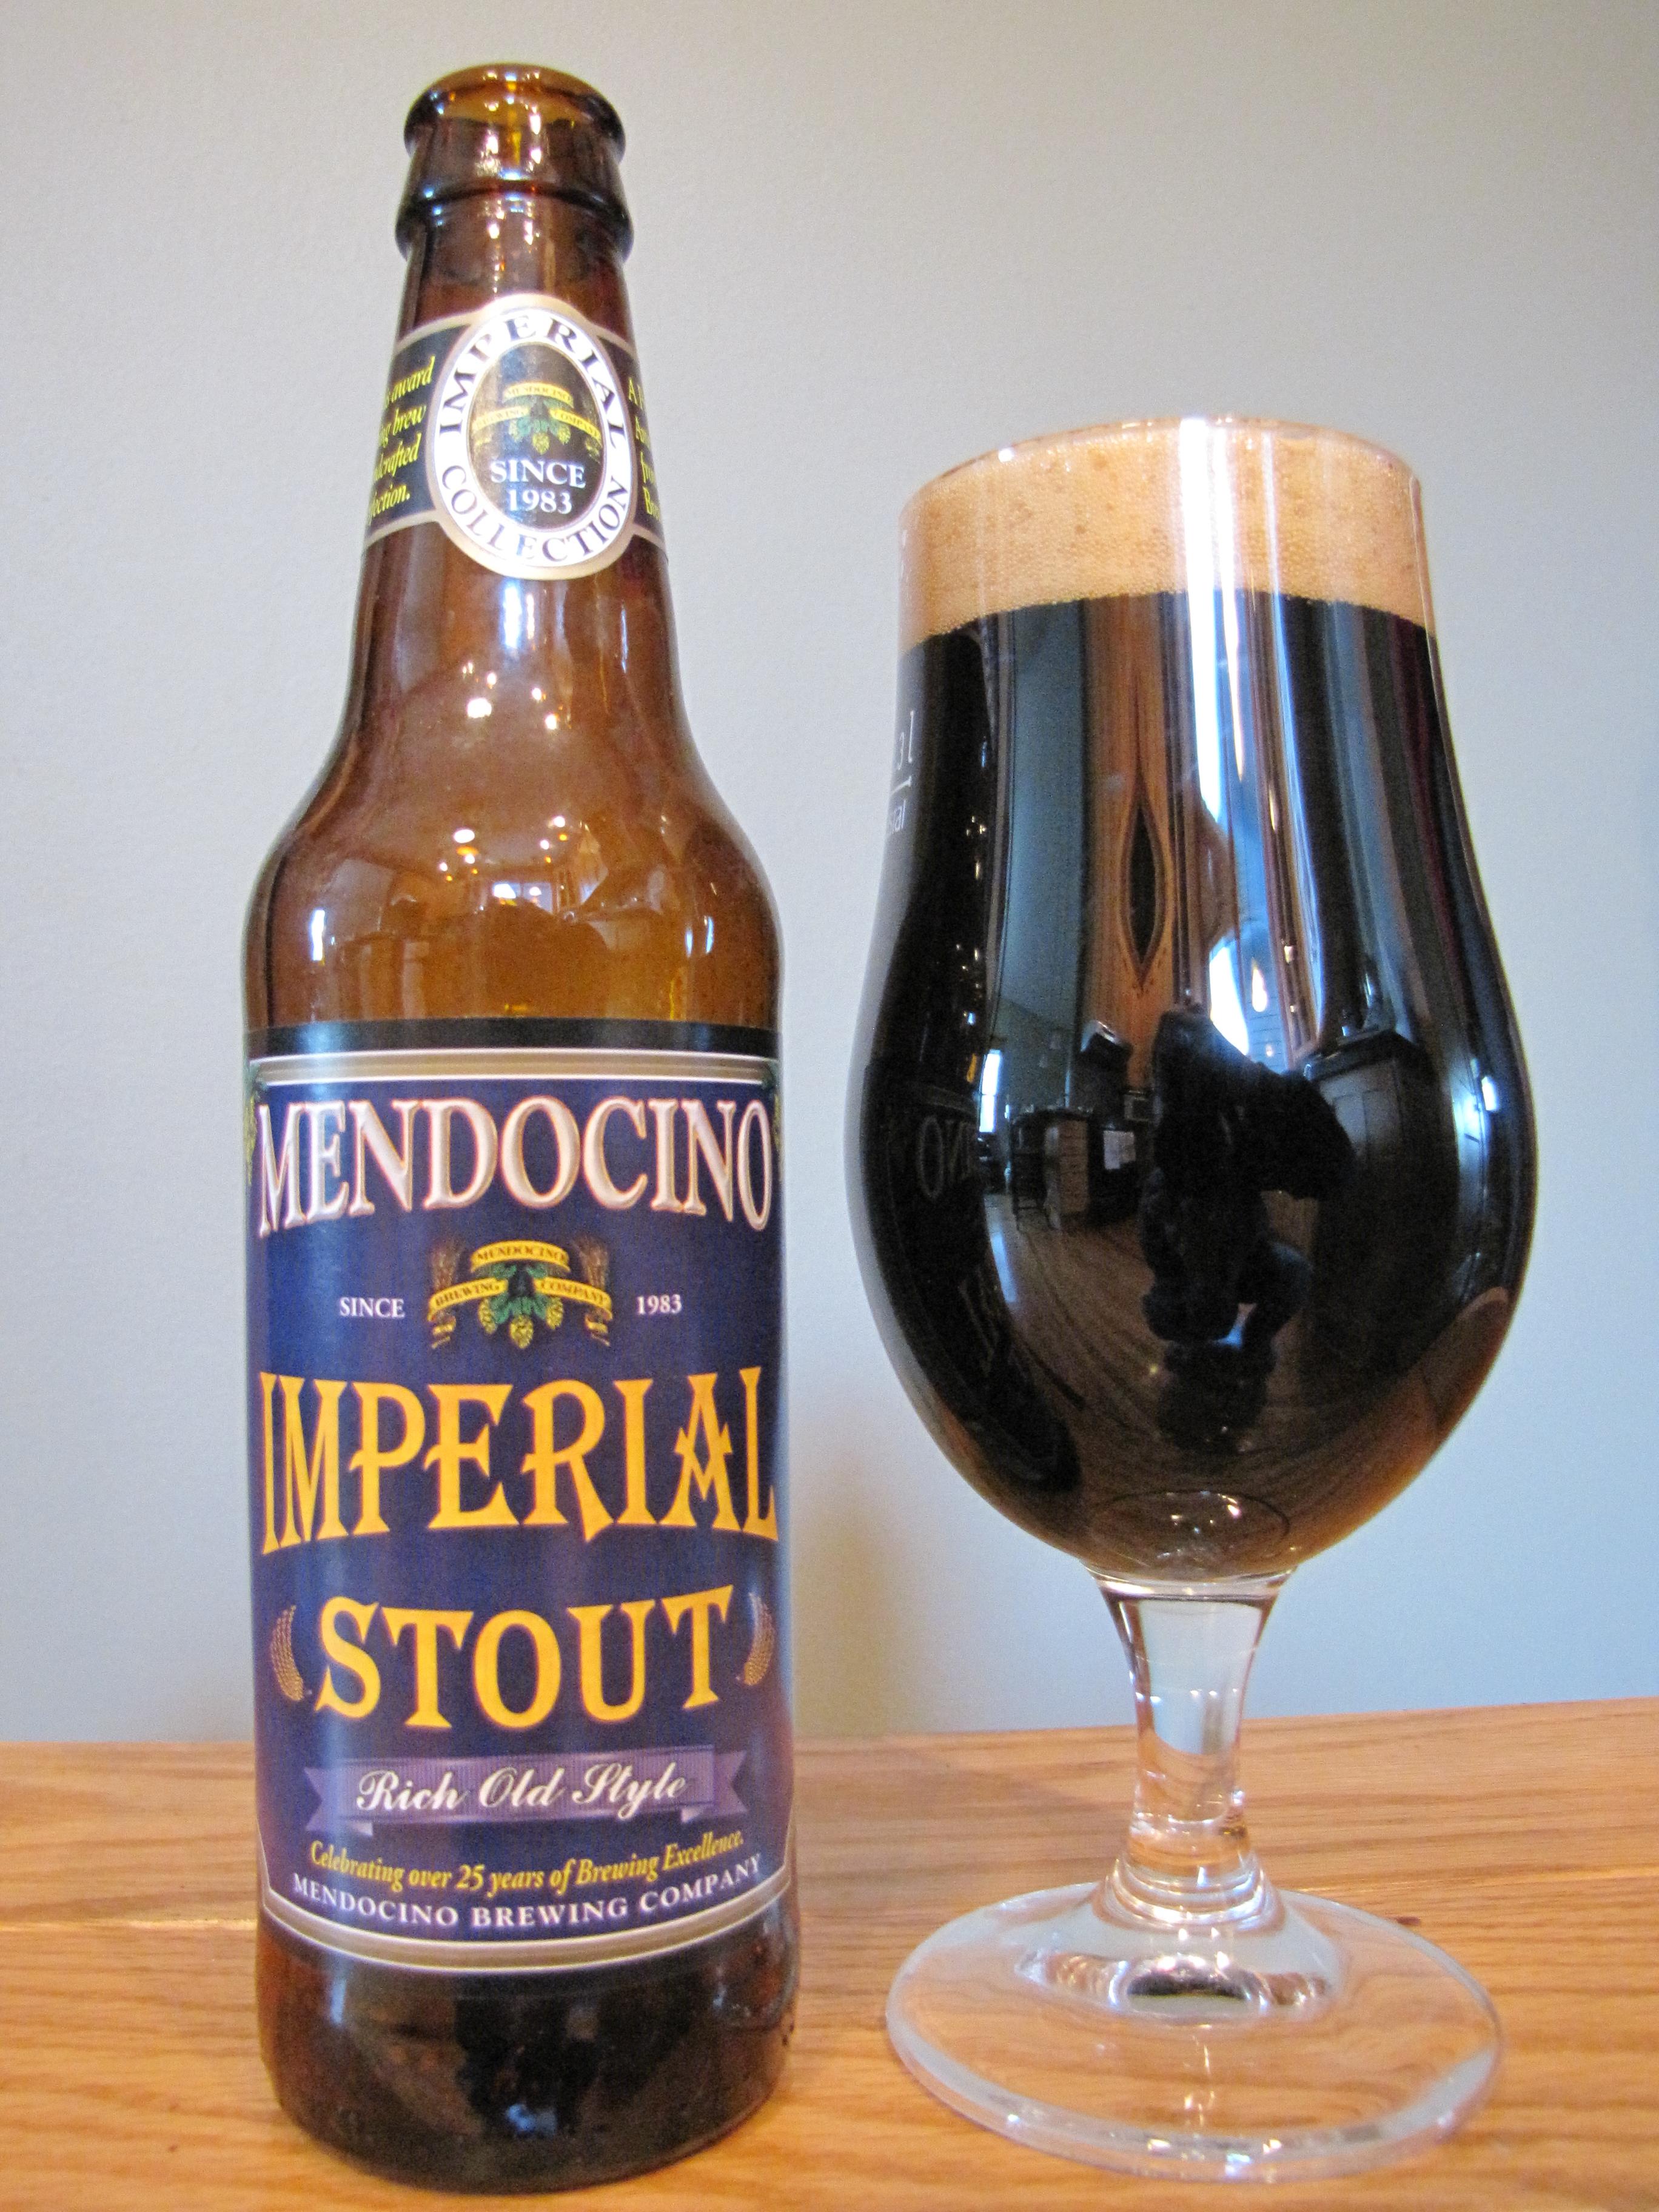 Mendocino Imperial Stout